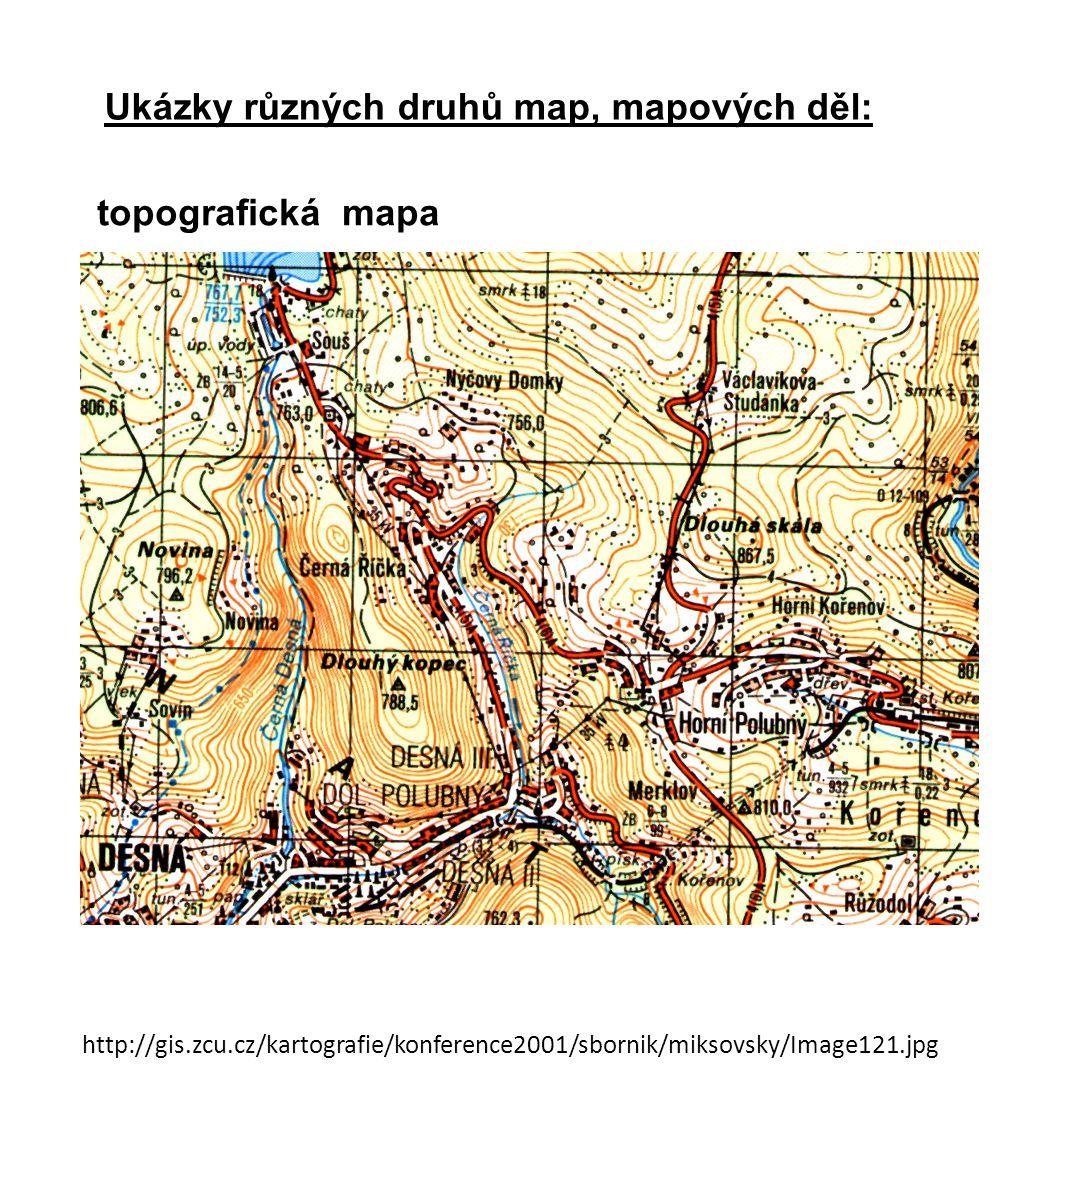 http://gis.zcu.cz/kartografie/konference2001/sbornik/miksovsky/Image121.jpg topografická mapa Ukázky různých druhů map, mapových děl: